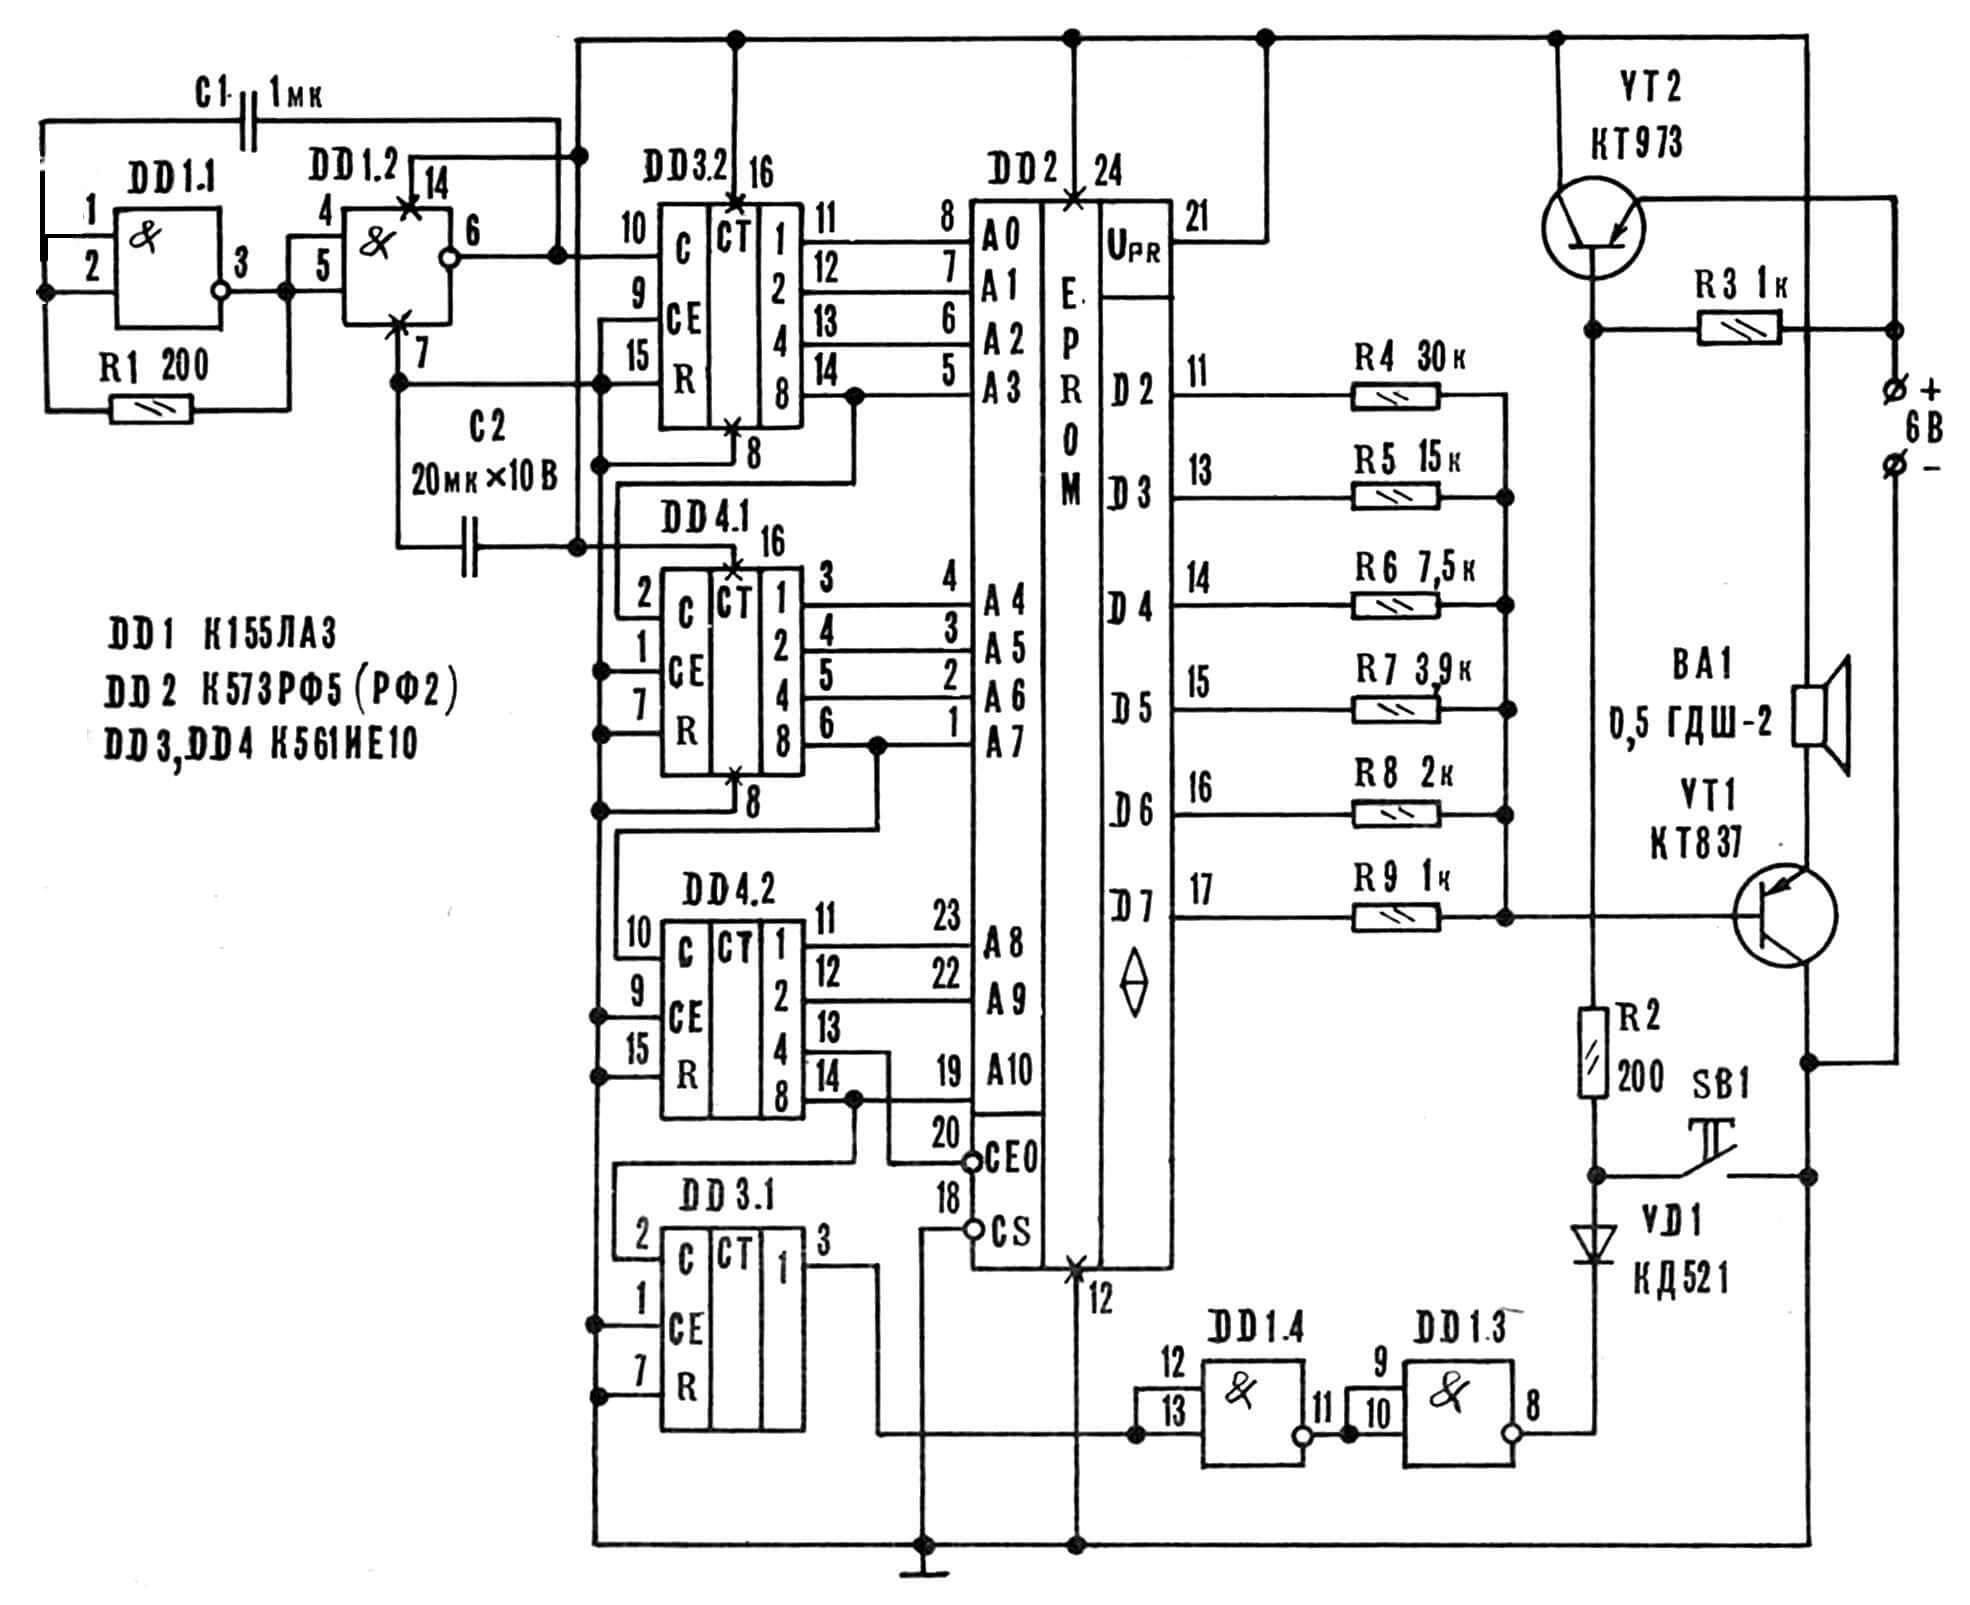 Принципиальная электрическая схема дверного звонка-сторожа.